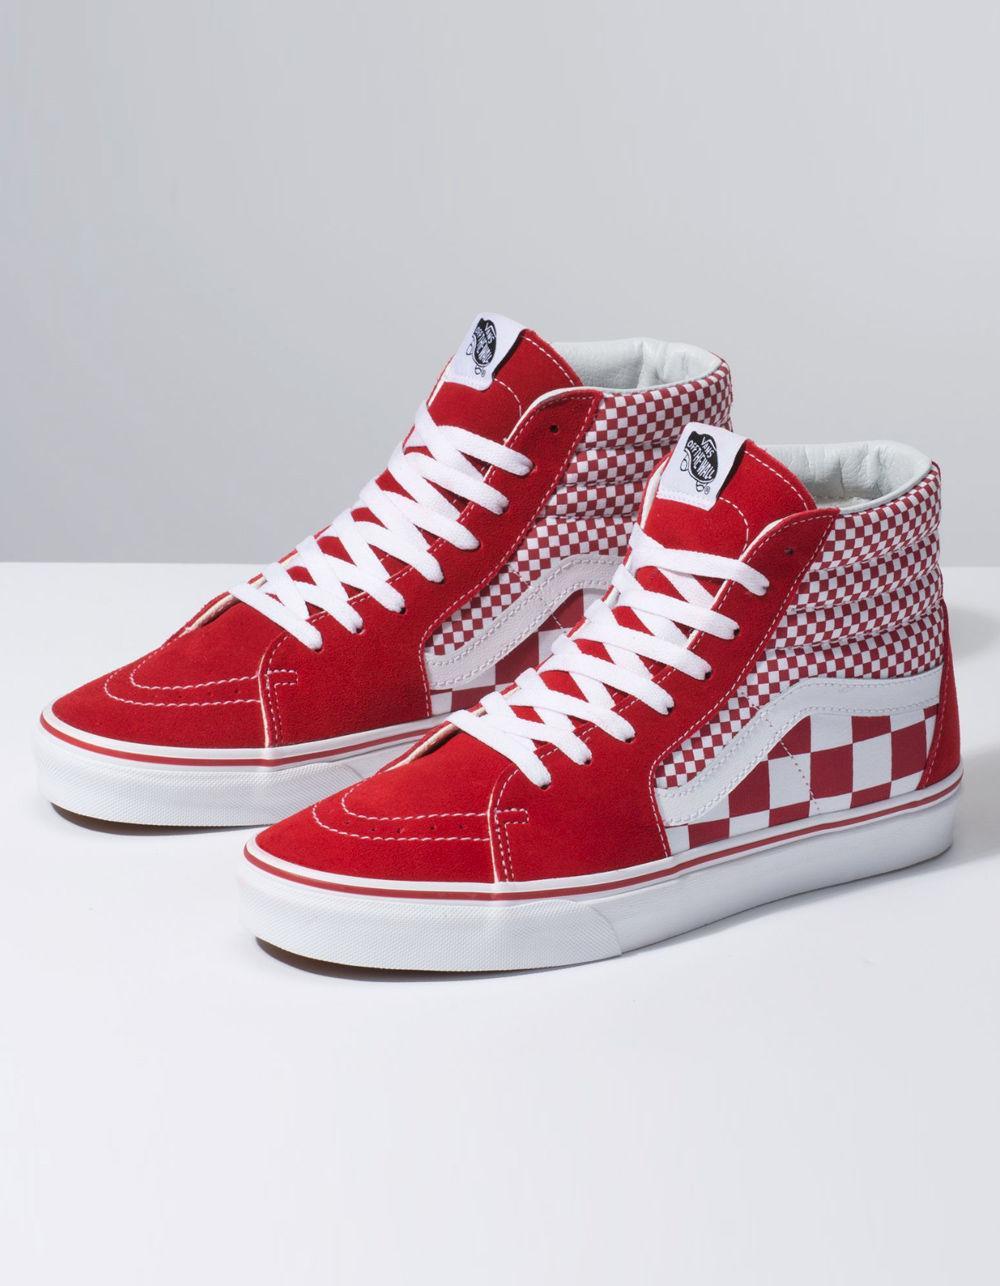 Lyst - Vans Mix Checker Sk8-hi Chili Pepper   True White Shoes 8409d3e96